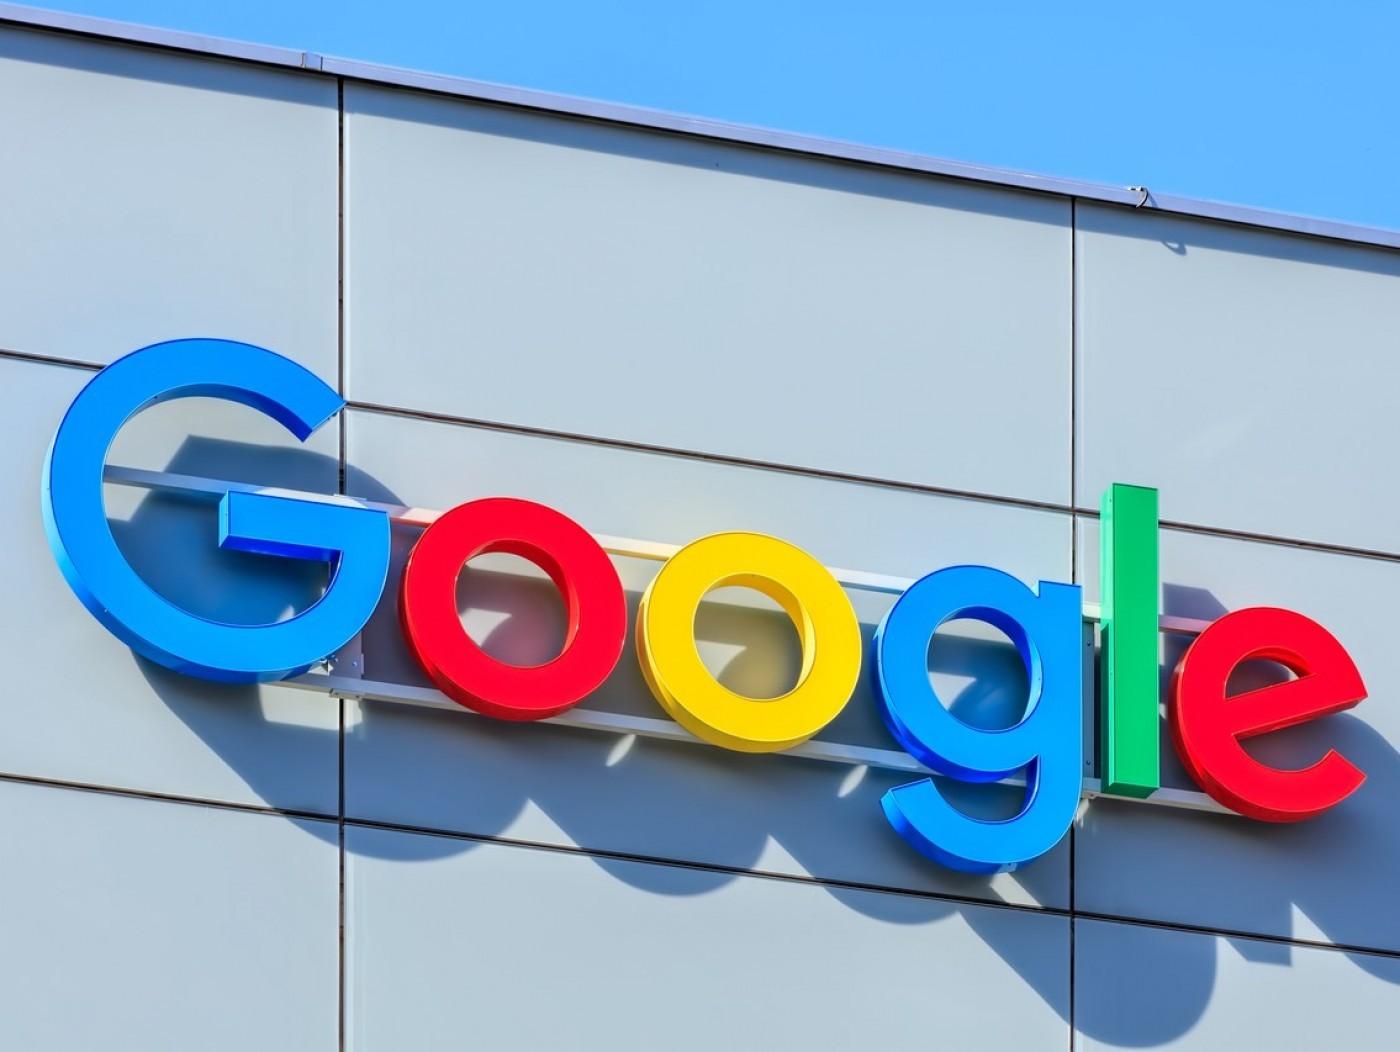 25%關稅促科技廠產線大遷移!Google將Nest與主機板生產移至台灣